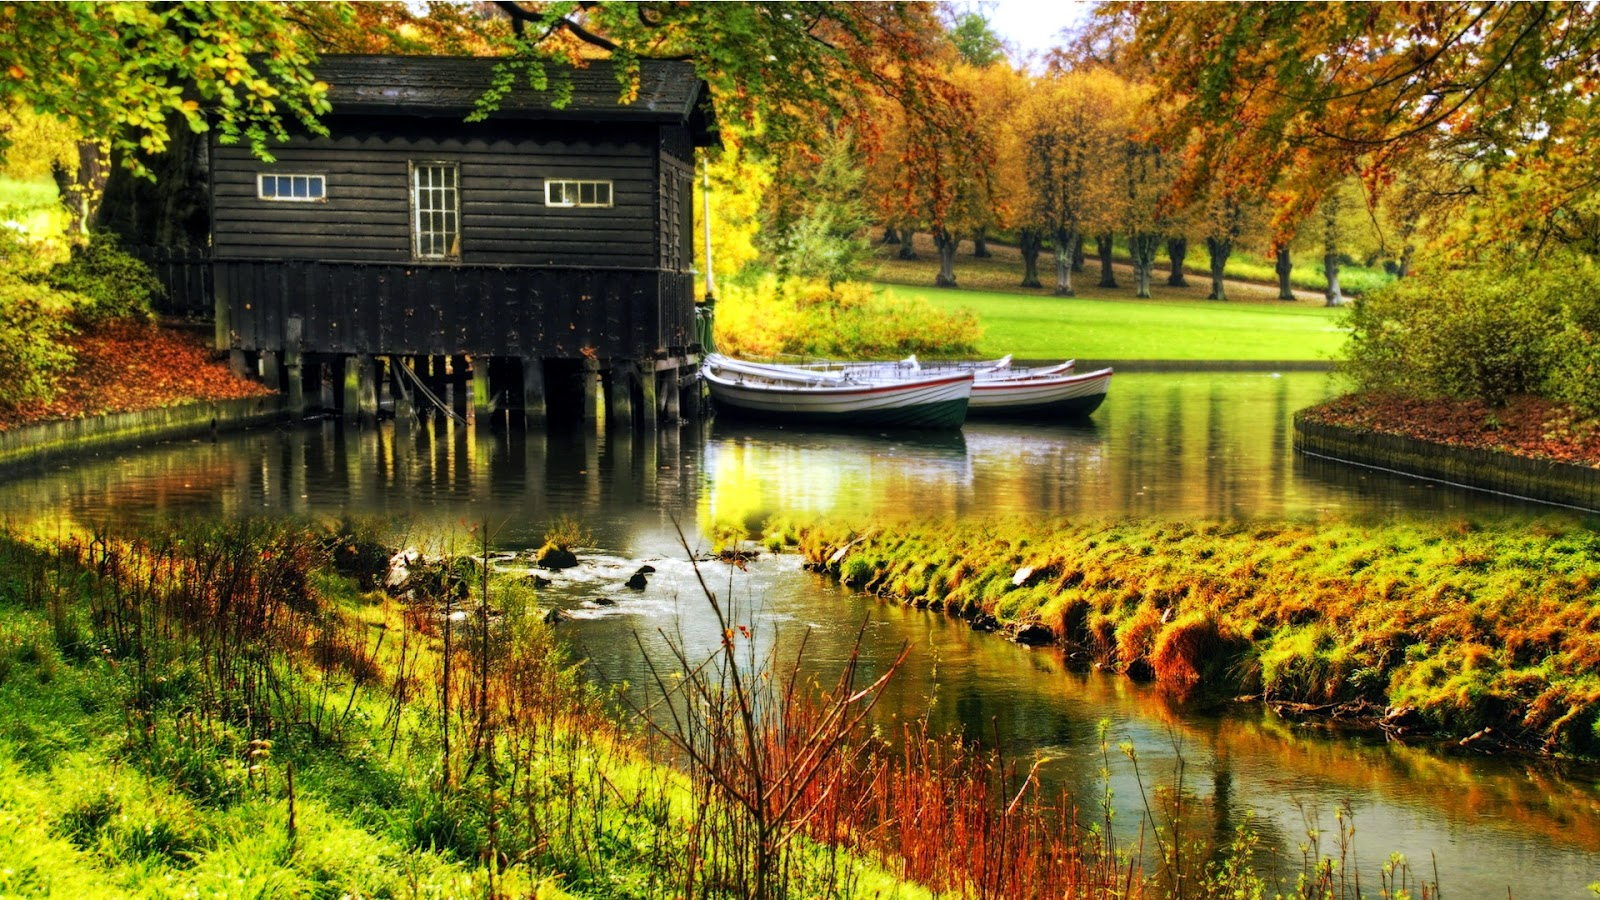 Wallpaper met botenhuis en bootjes in water